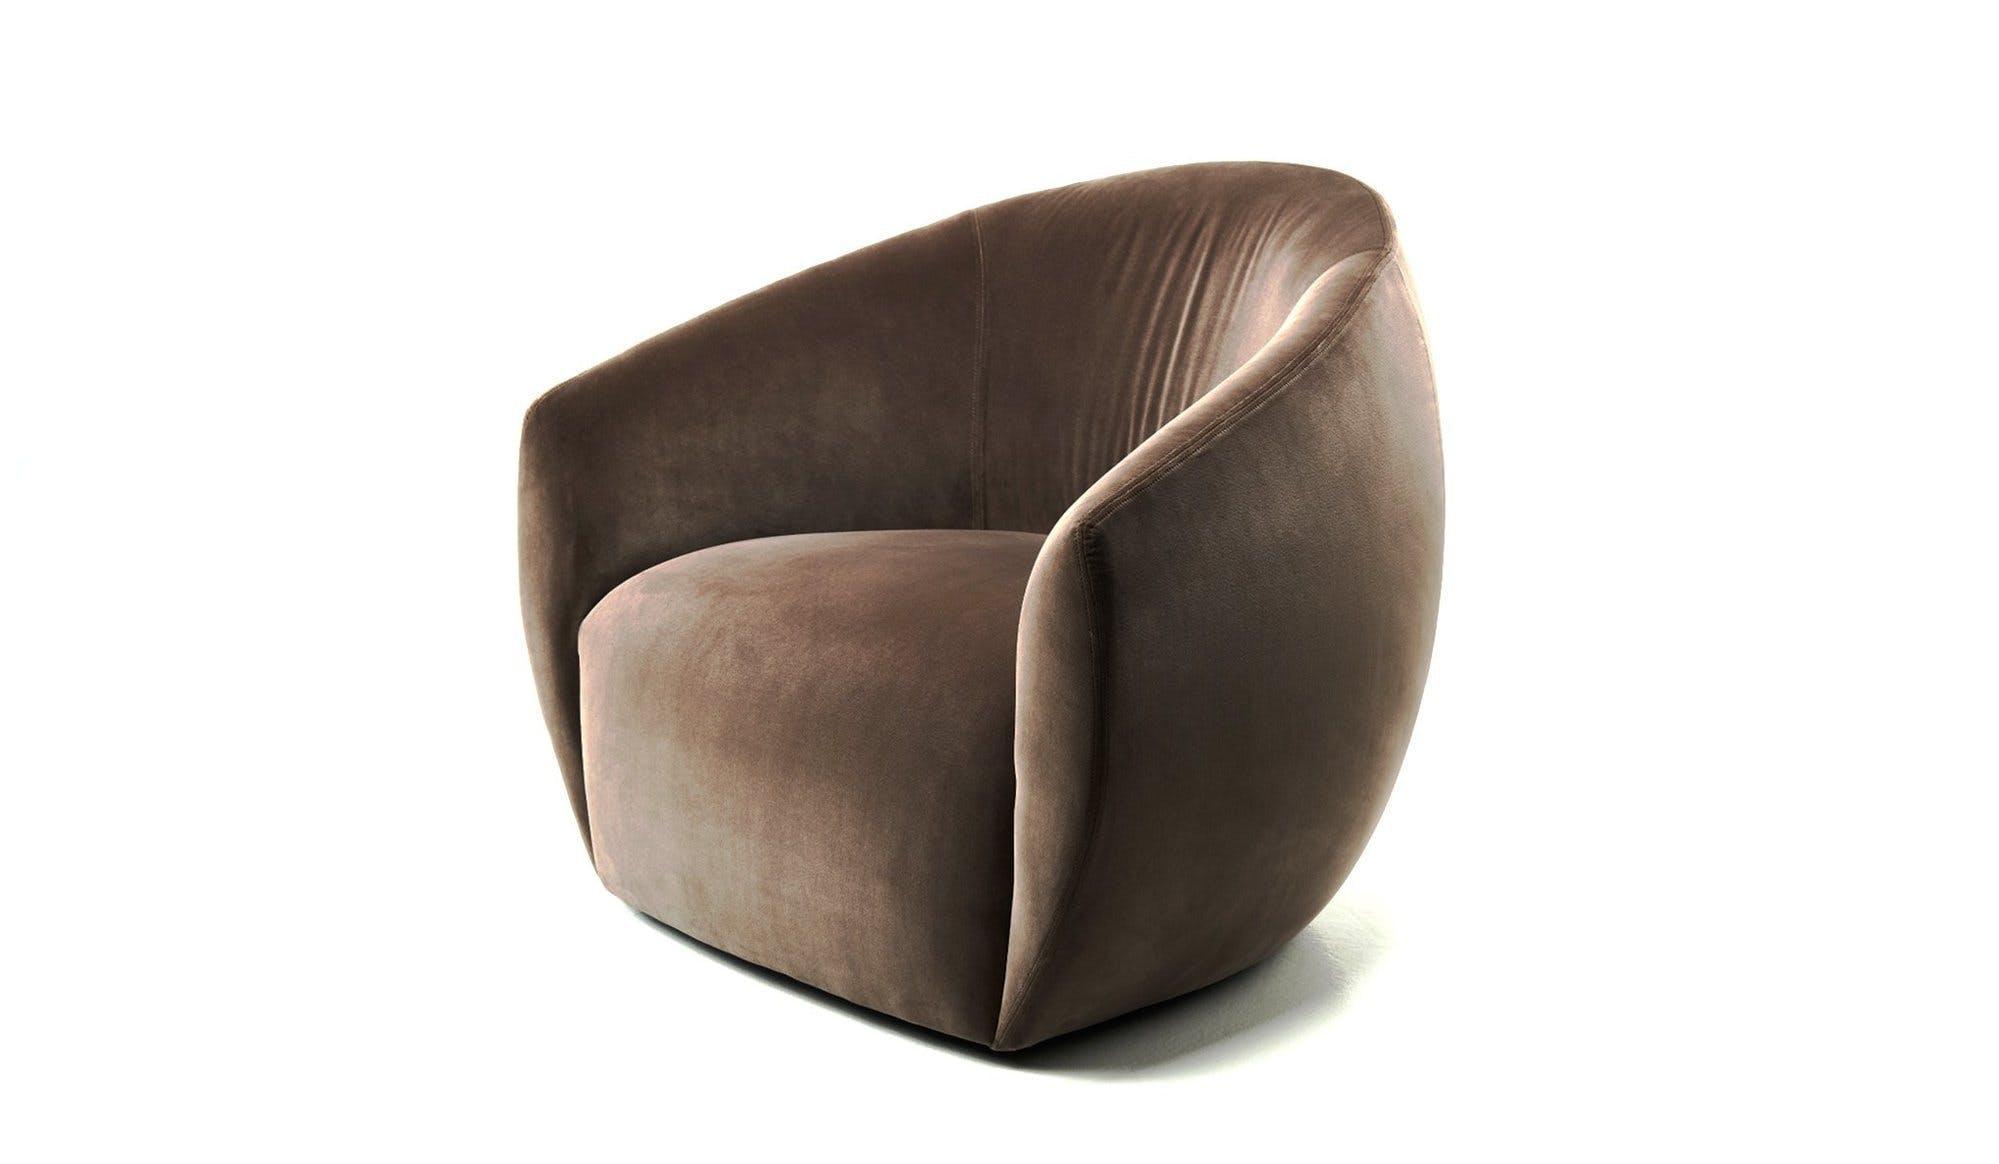 Wendelbo-chair-lobby-haute-living